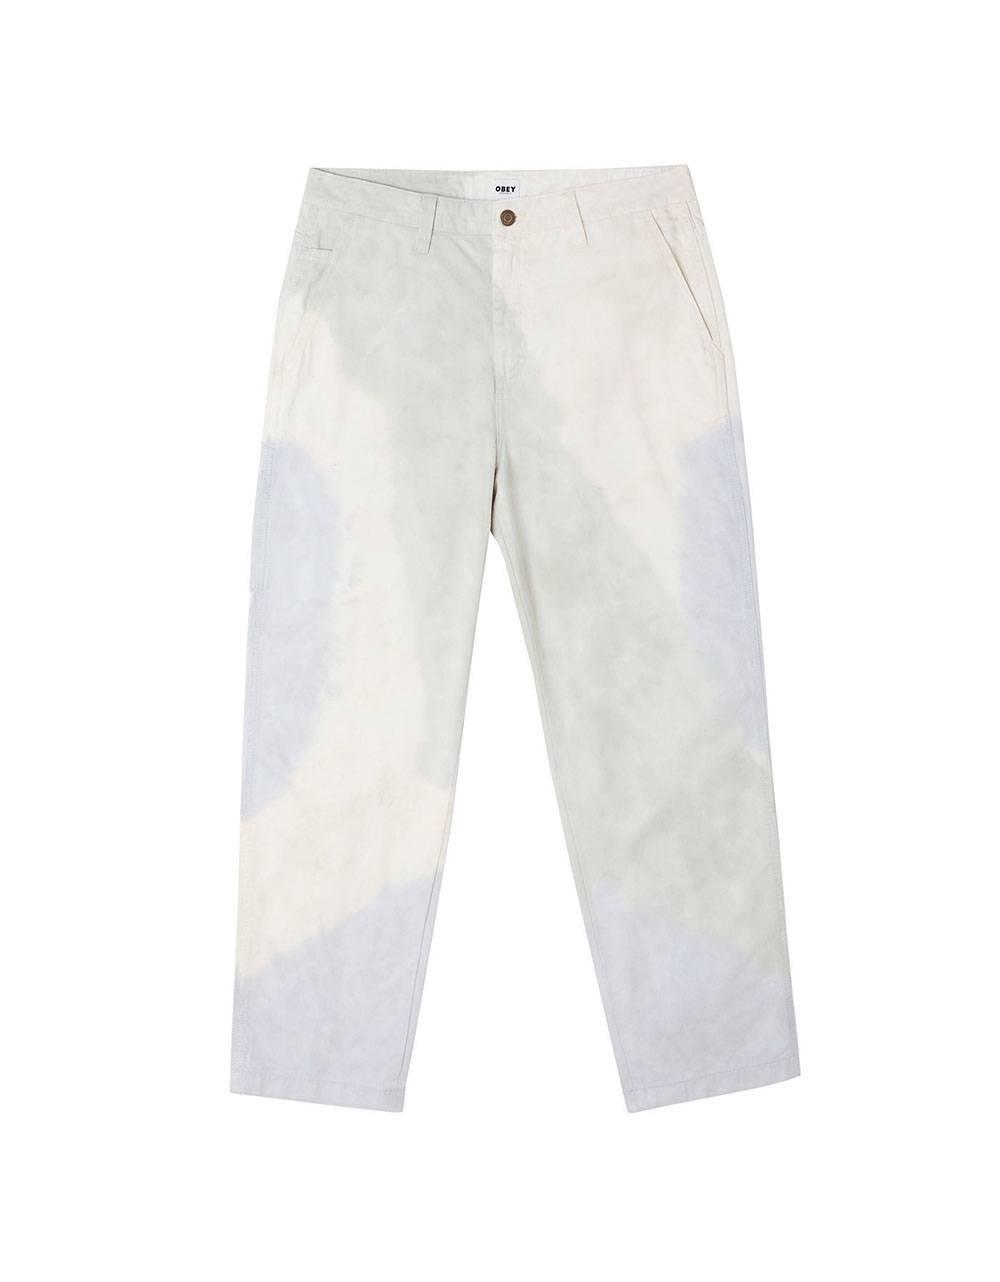 Obey Tie dye hardwork carpenter pants - good grey multi obey Pant 97,54€